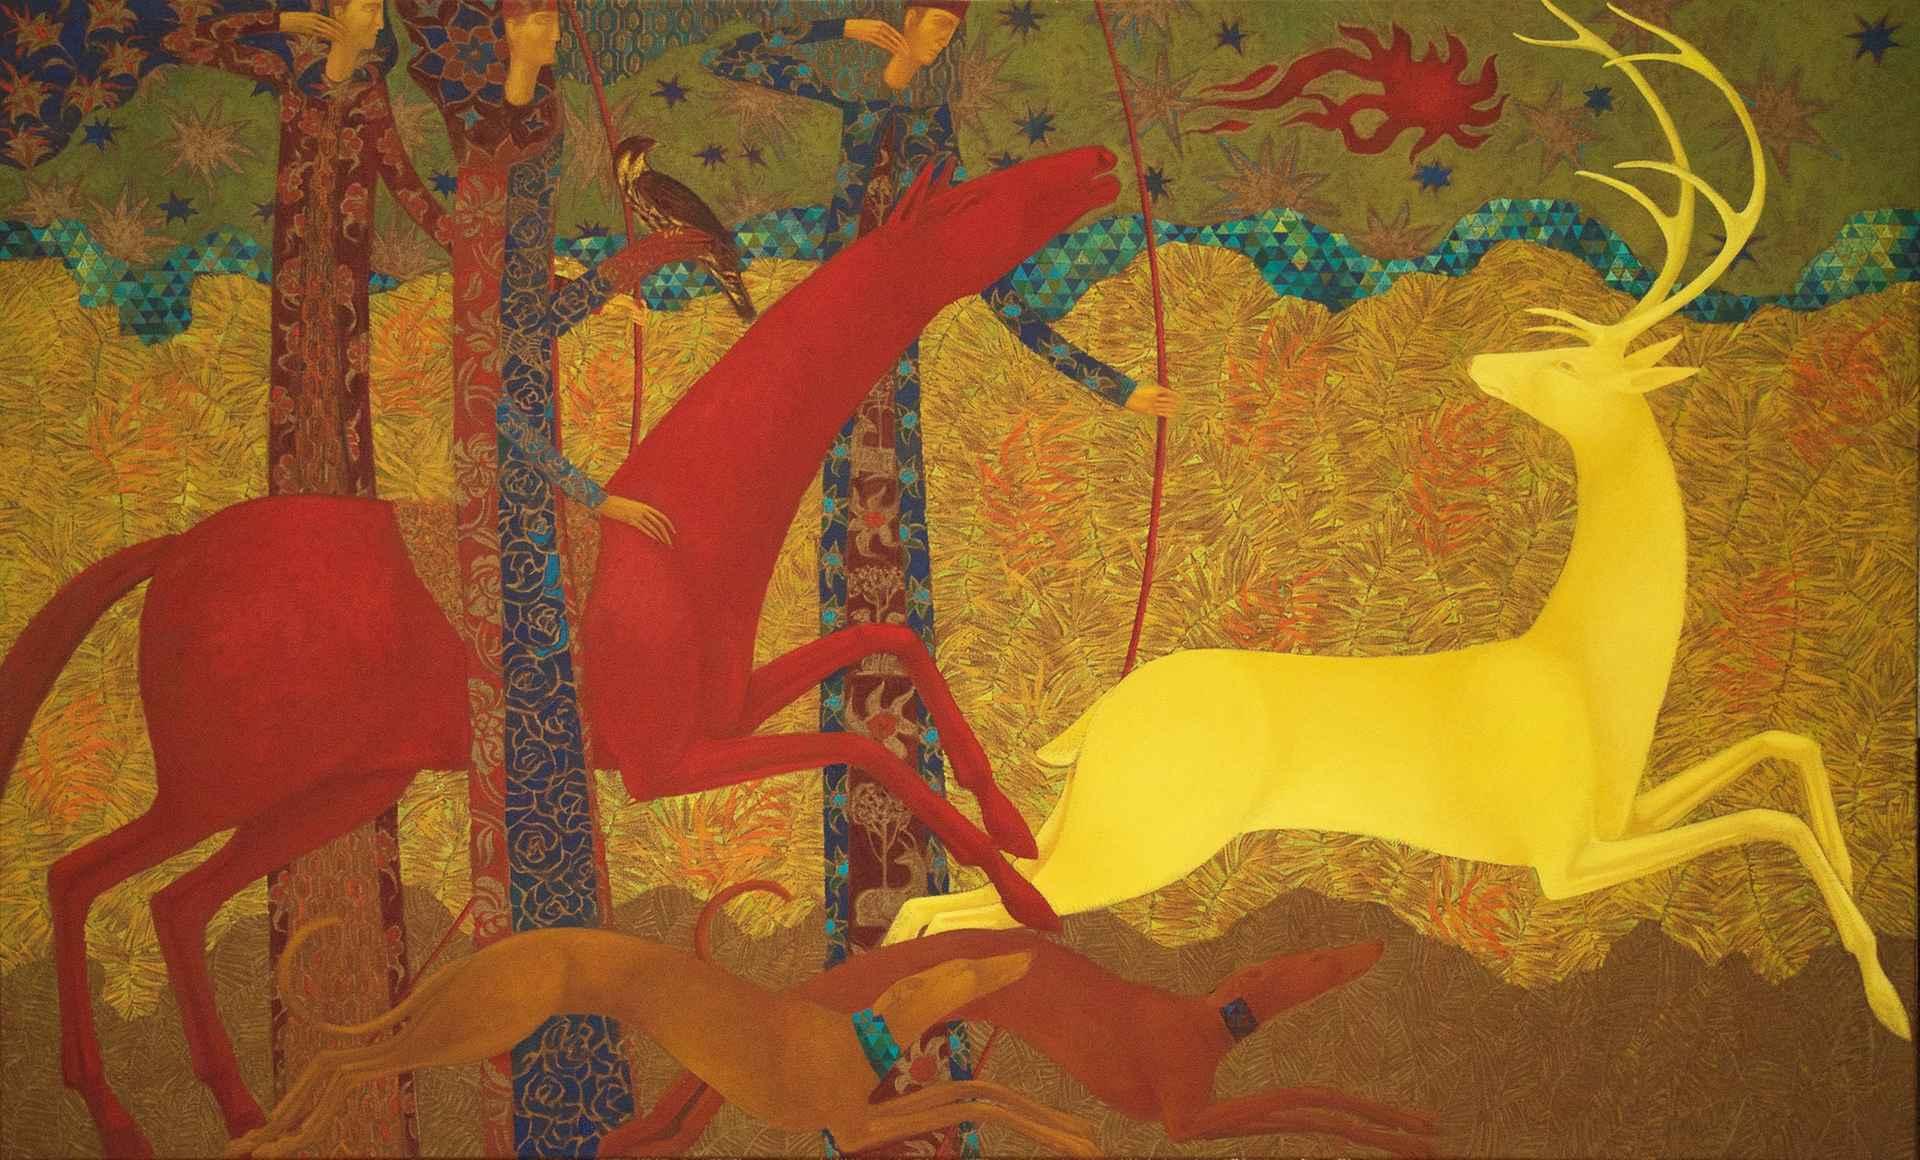 Golden Dear Chase by Timur D'Vatz